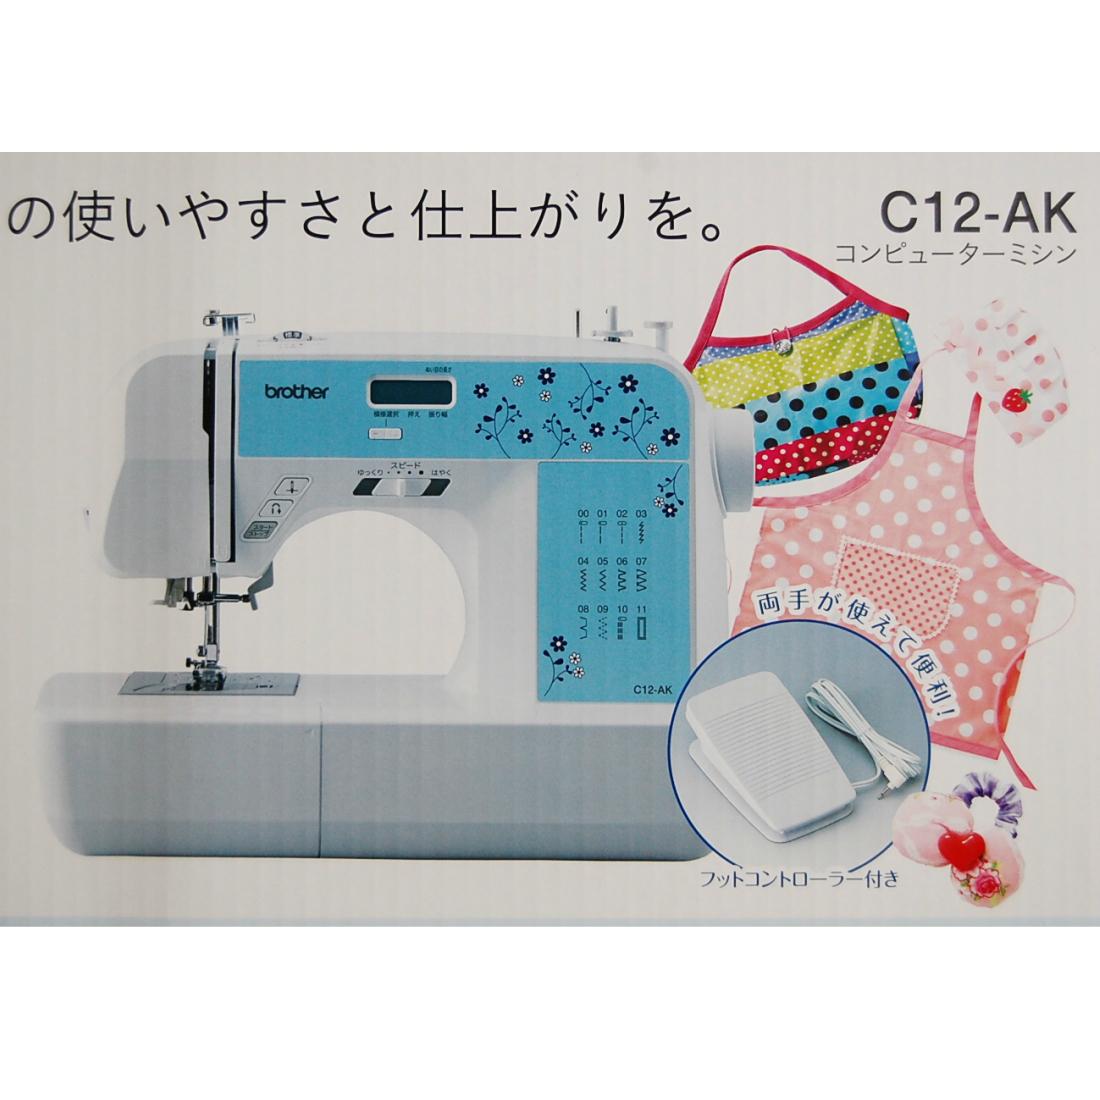 フットコントローラー付 ブラザーミシン C12-AK CPS4136 電子ミシン 電気ミシン コンピューターミシン 家庭用ミシン 手芸 縫い物 初心者 簡単 送料無料